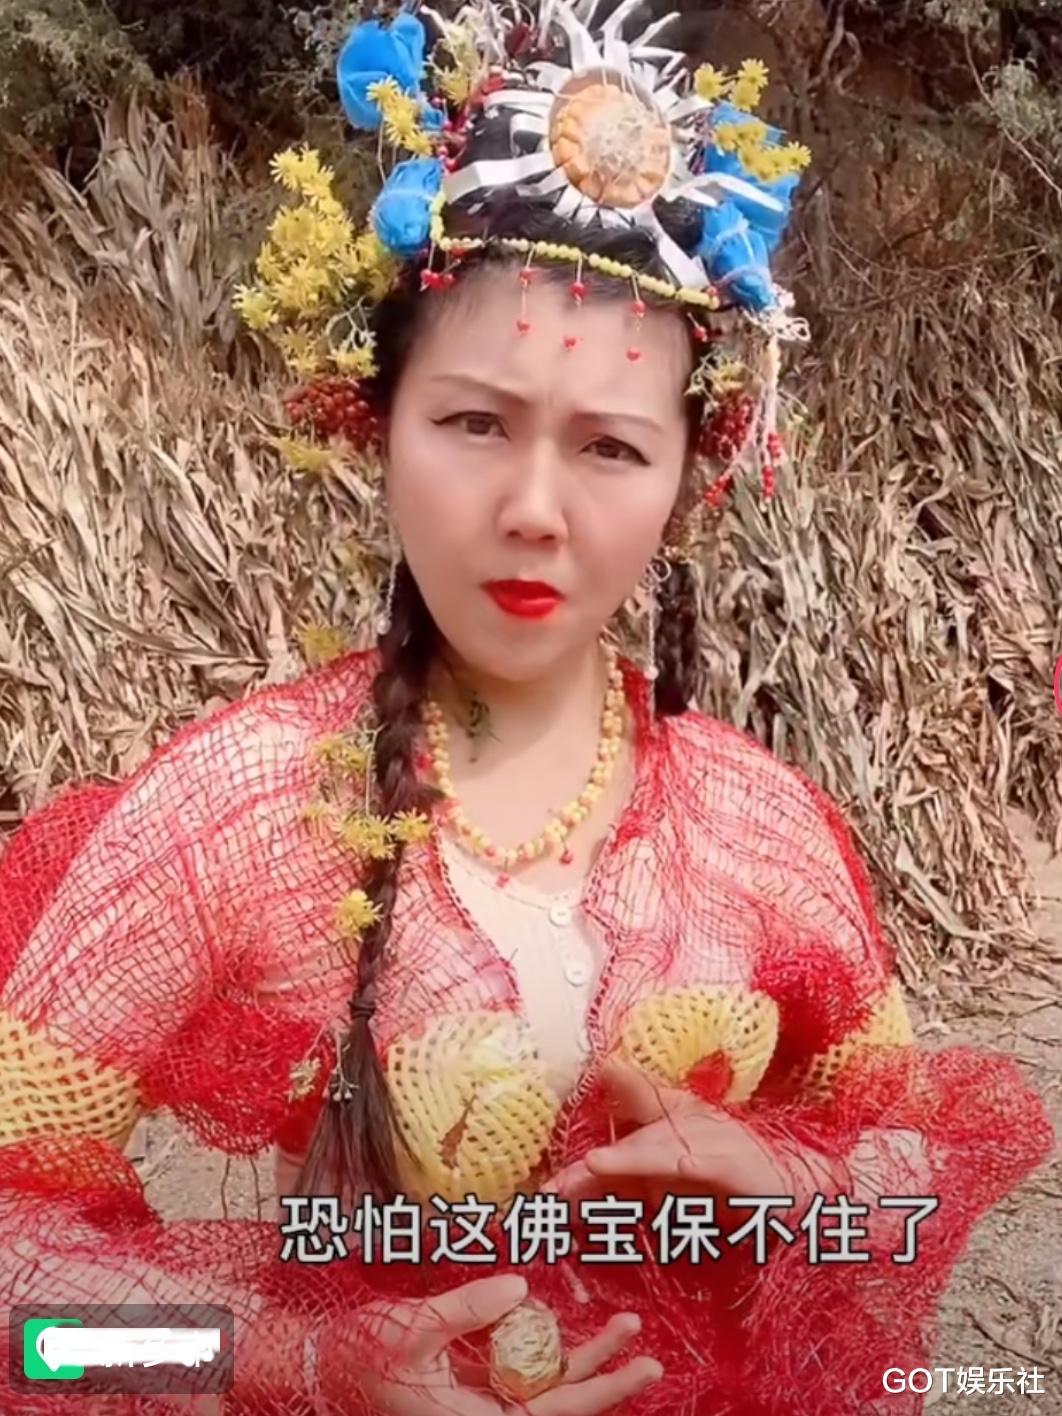 農村女孩自導自演《西遊記》, 道具神還原, 演技比很多明星都好-圖10